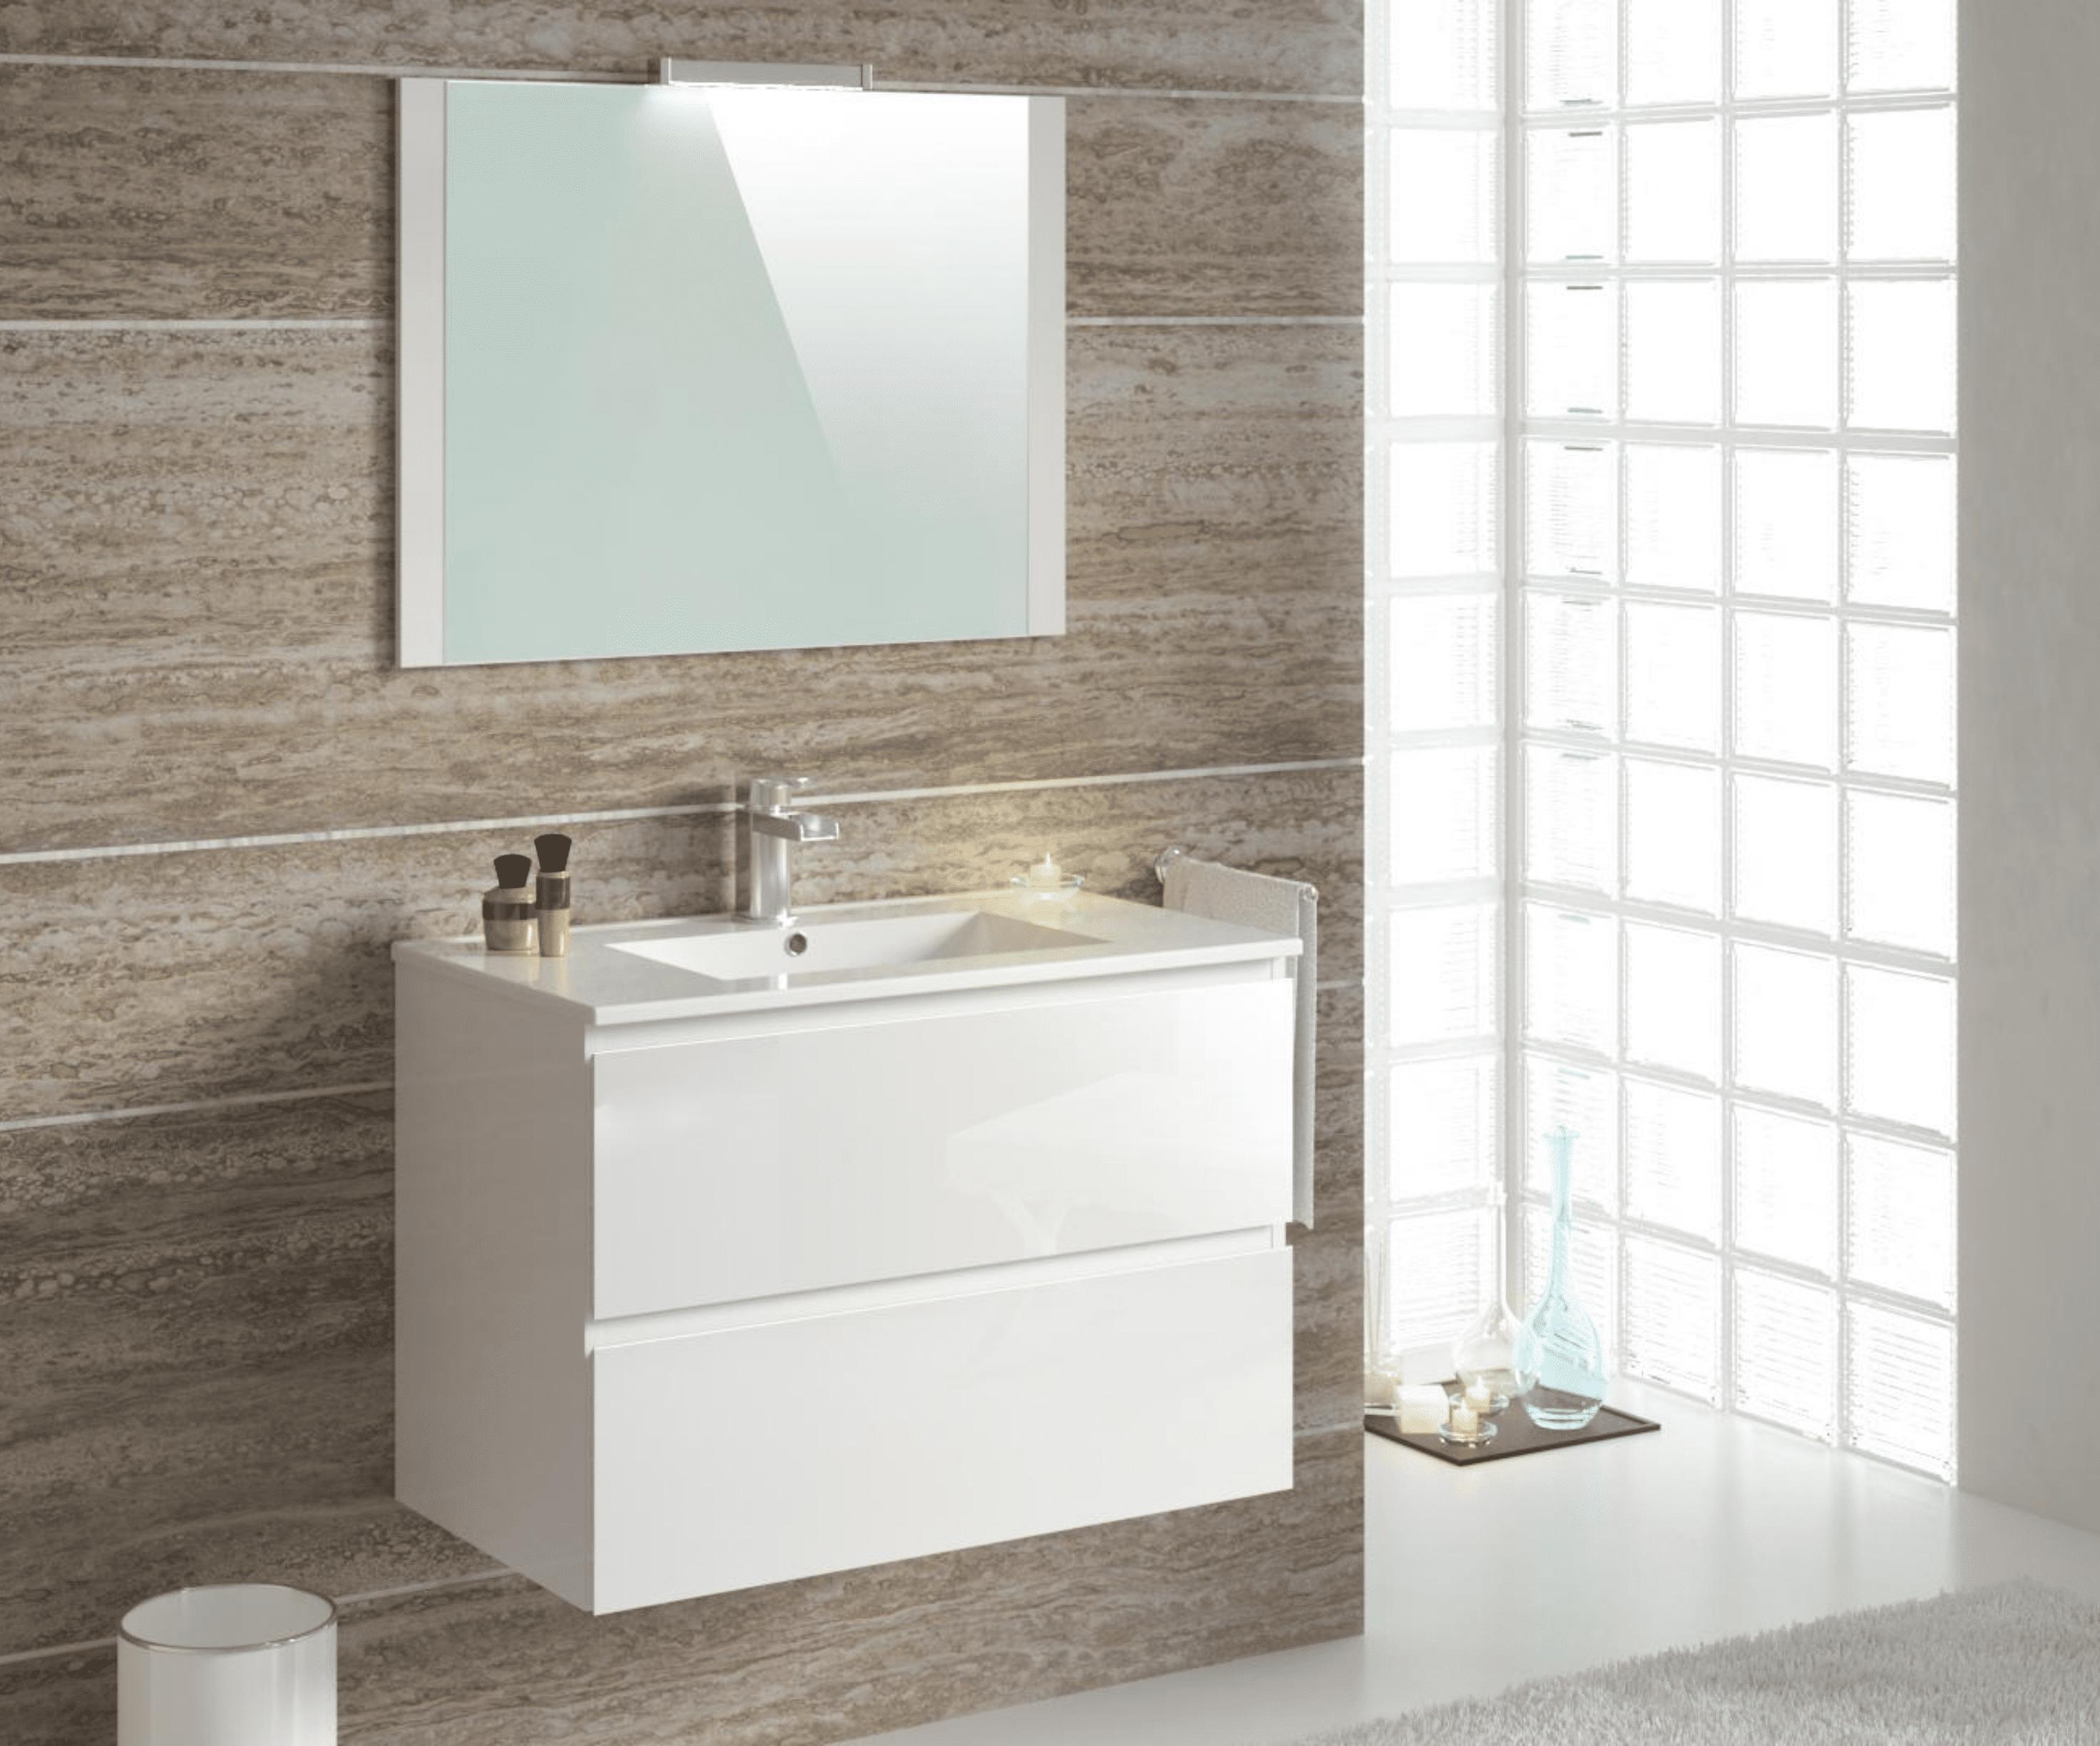 Meubles de salle de bains Milenio